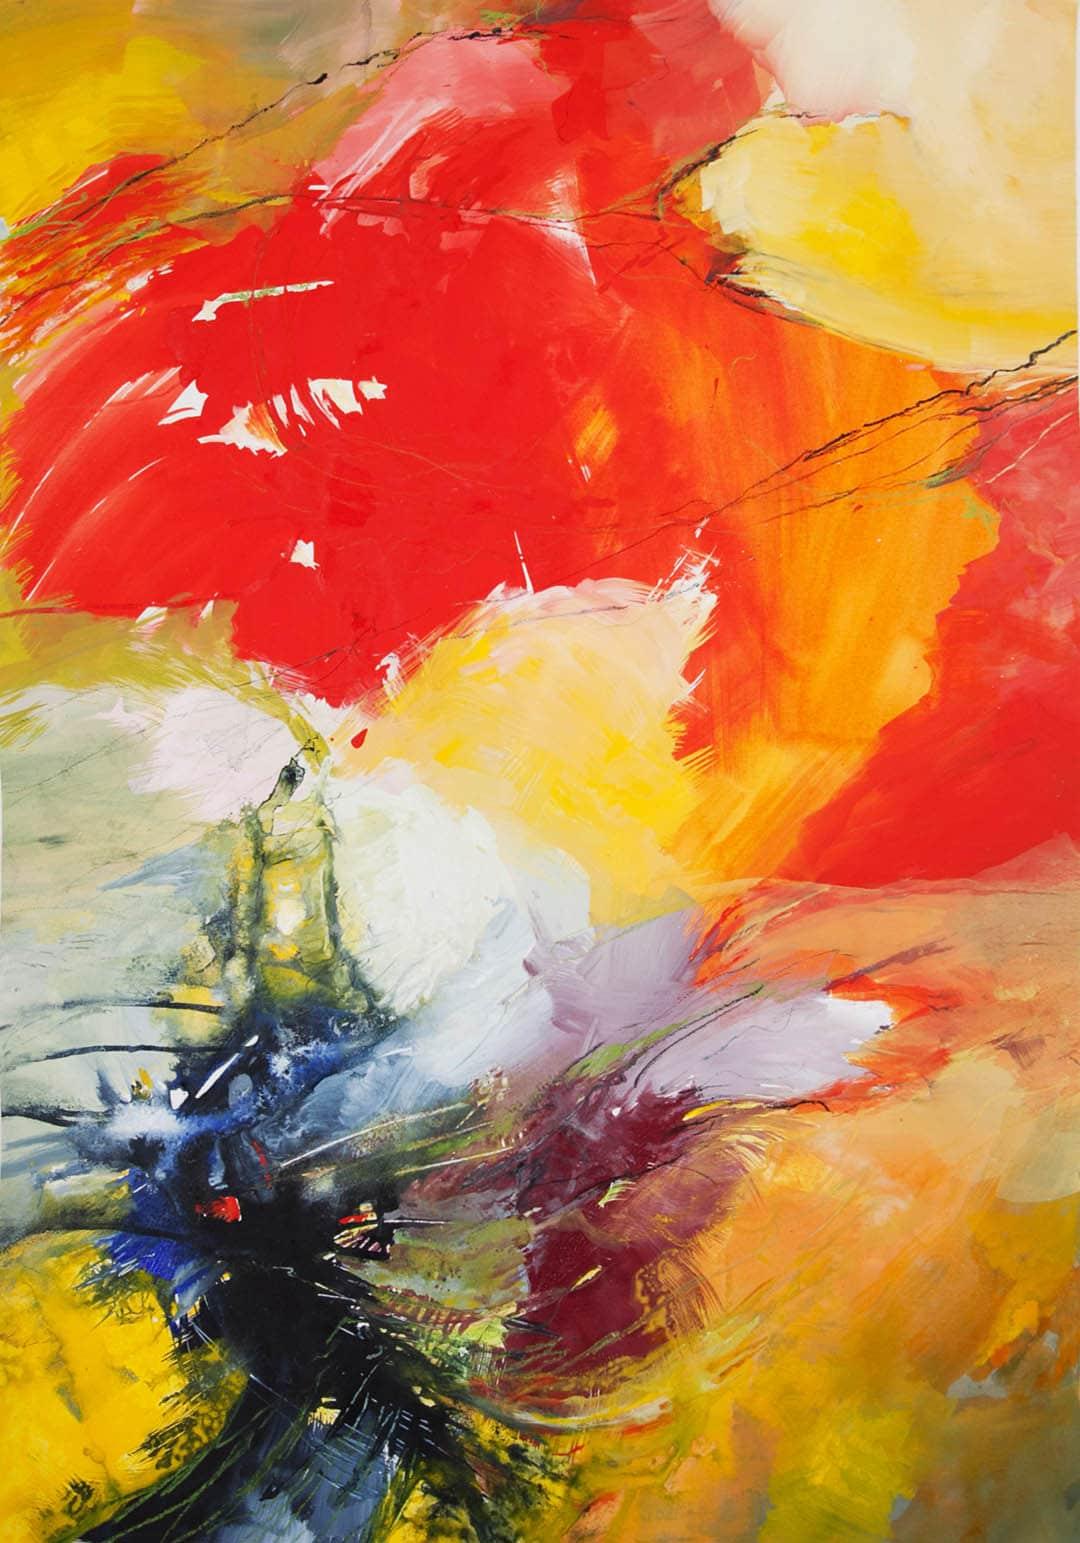 kunstreiche Farbenrausch (2) Acryl auf Papier 100x70 cm